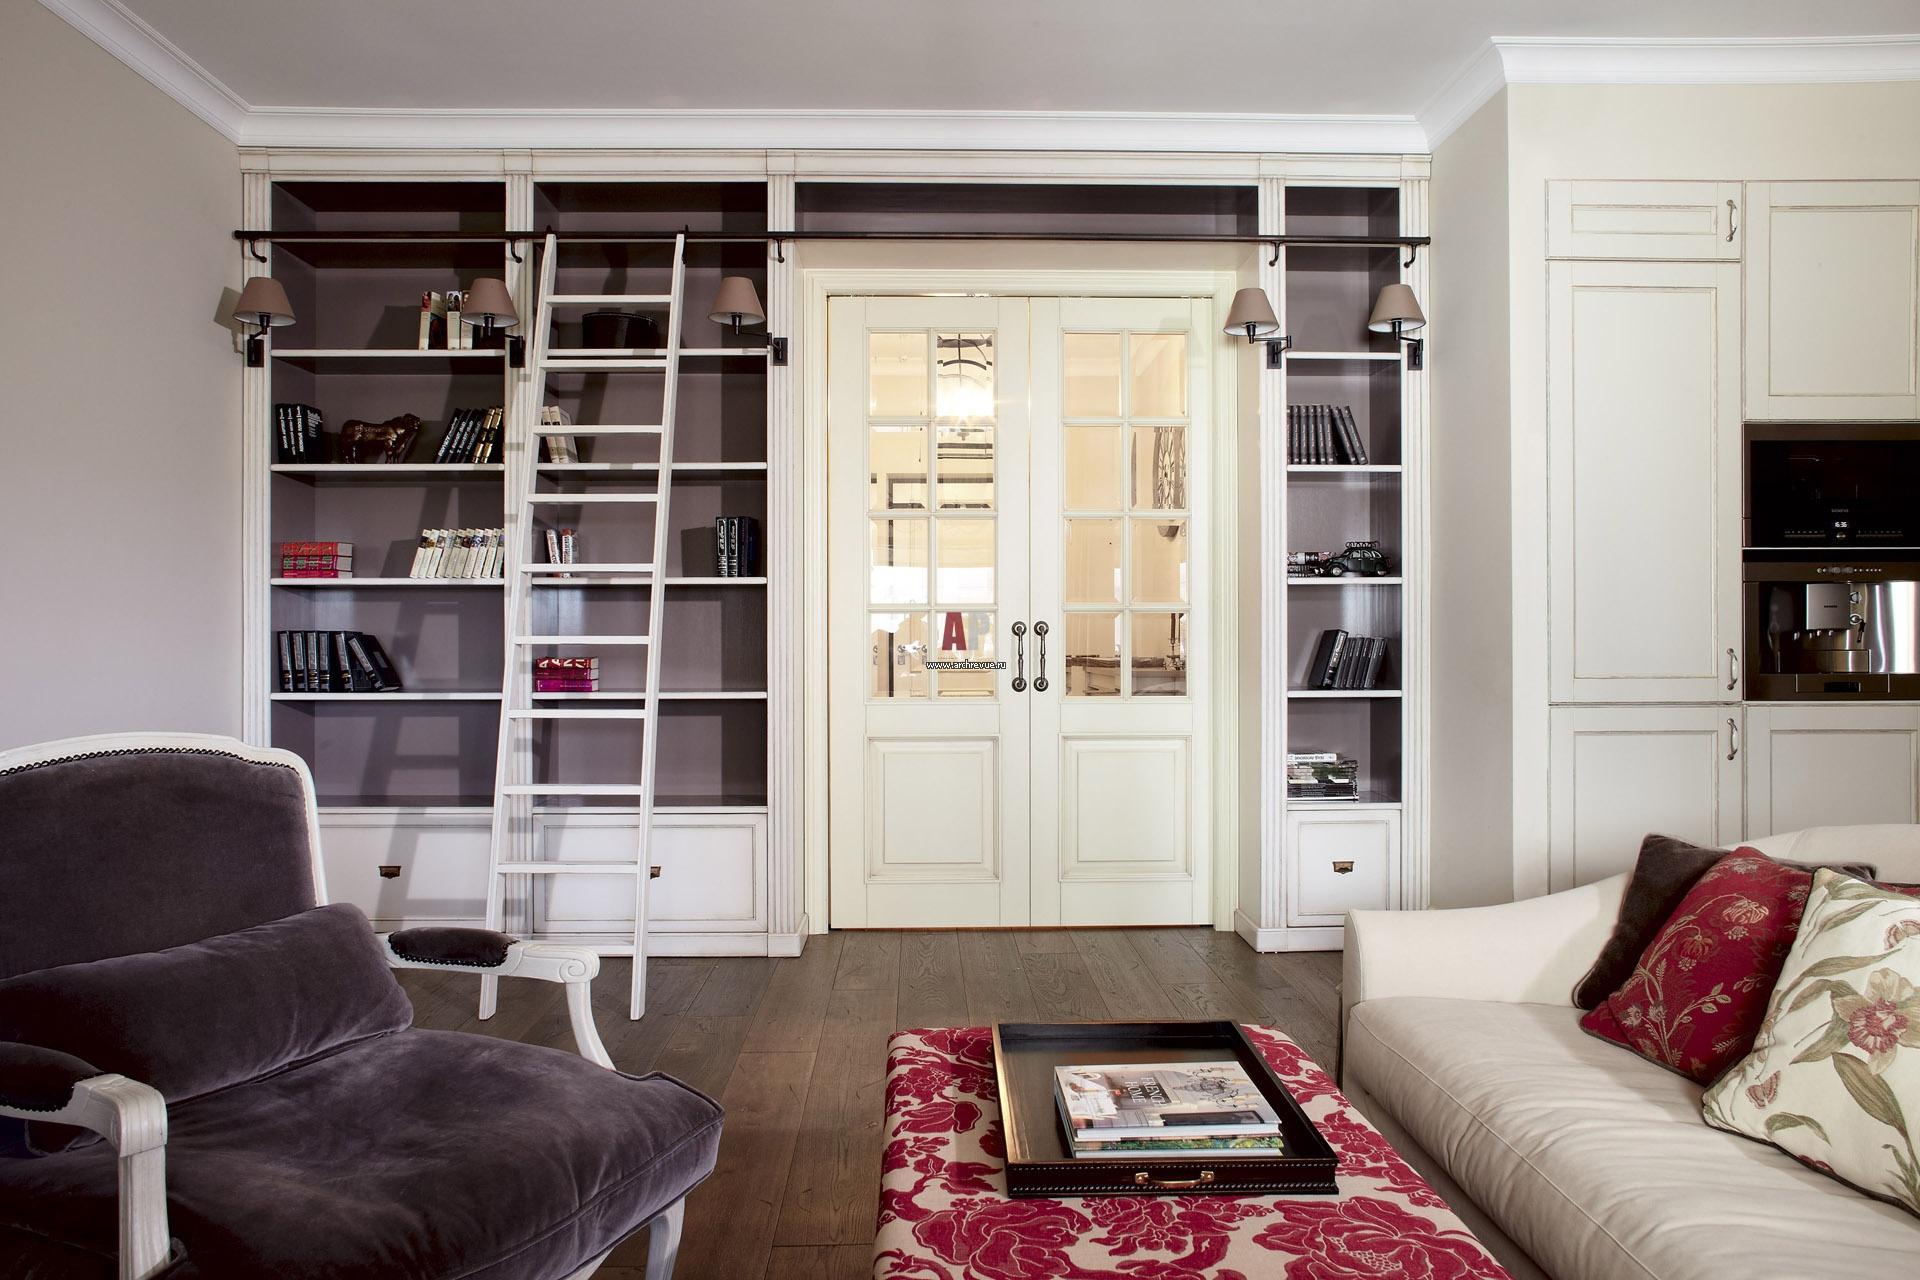 1364262187959 w1920h1440 - Идеи интерьера трехкомнатной квартиры